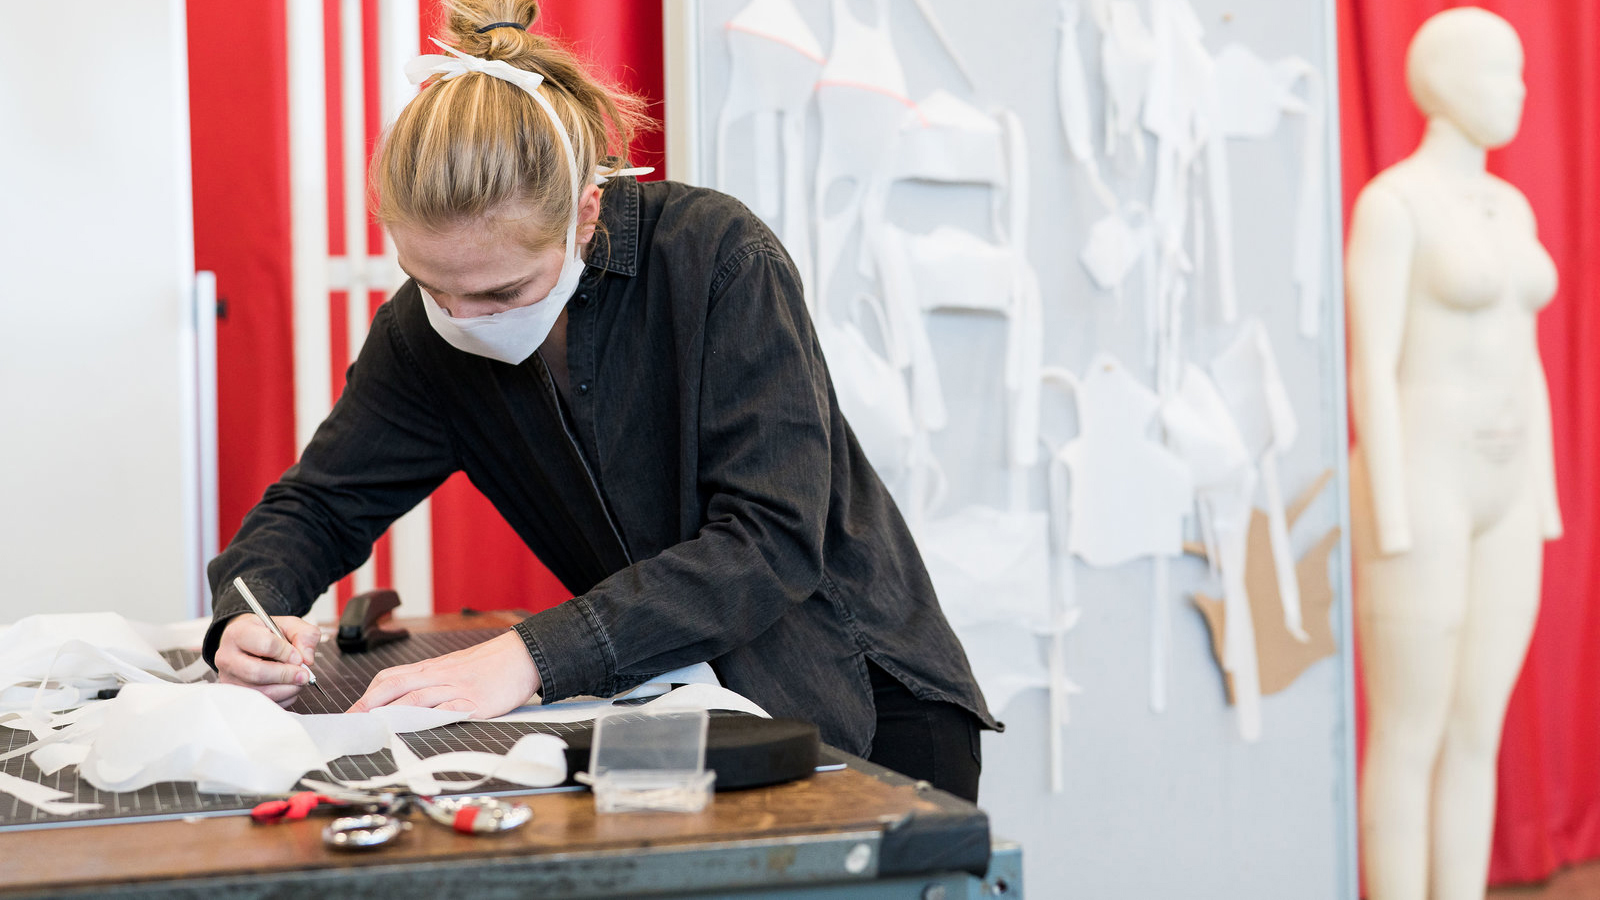 Alumna Maggie Snoke Designs Masks for Under Armour